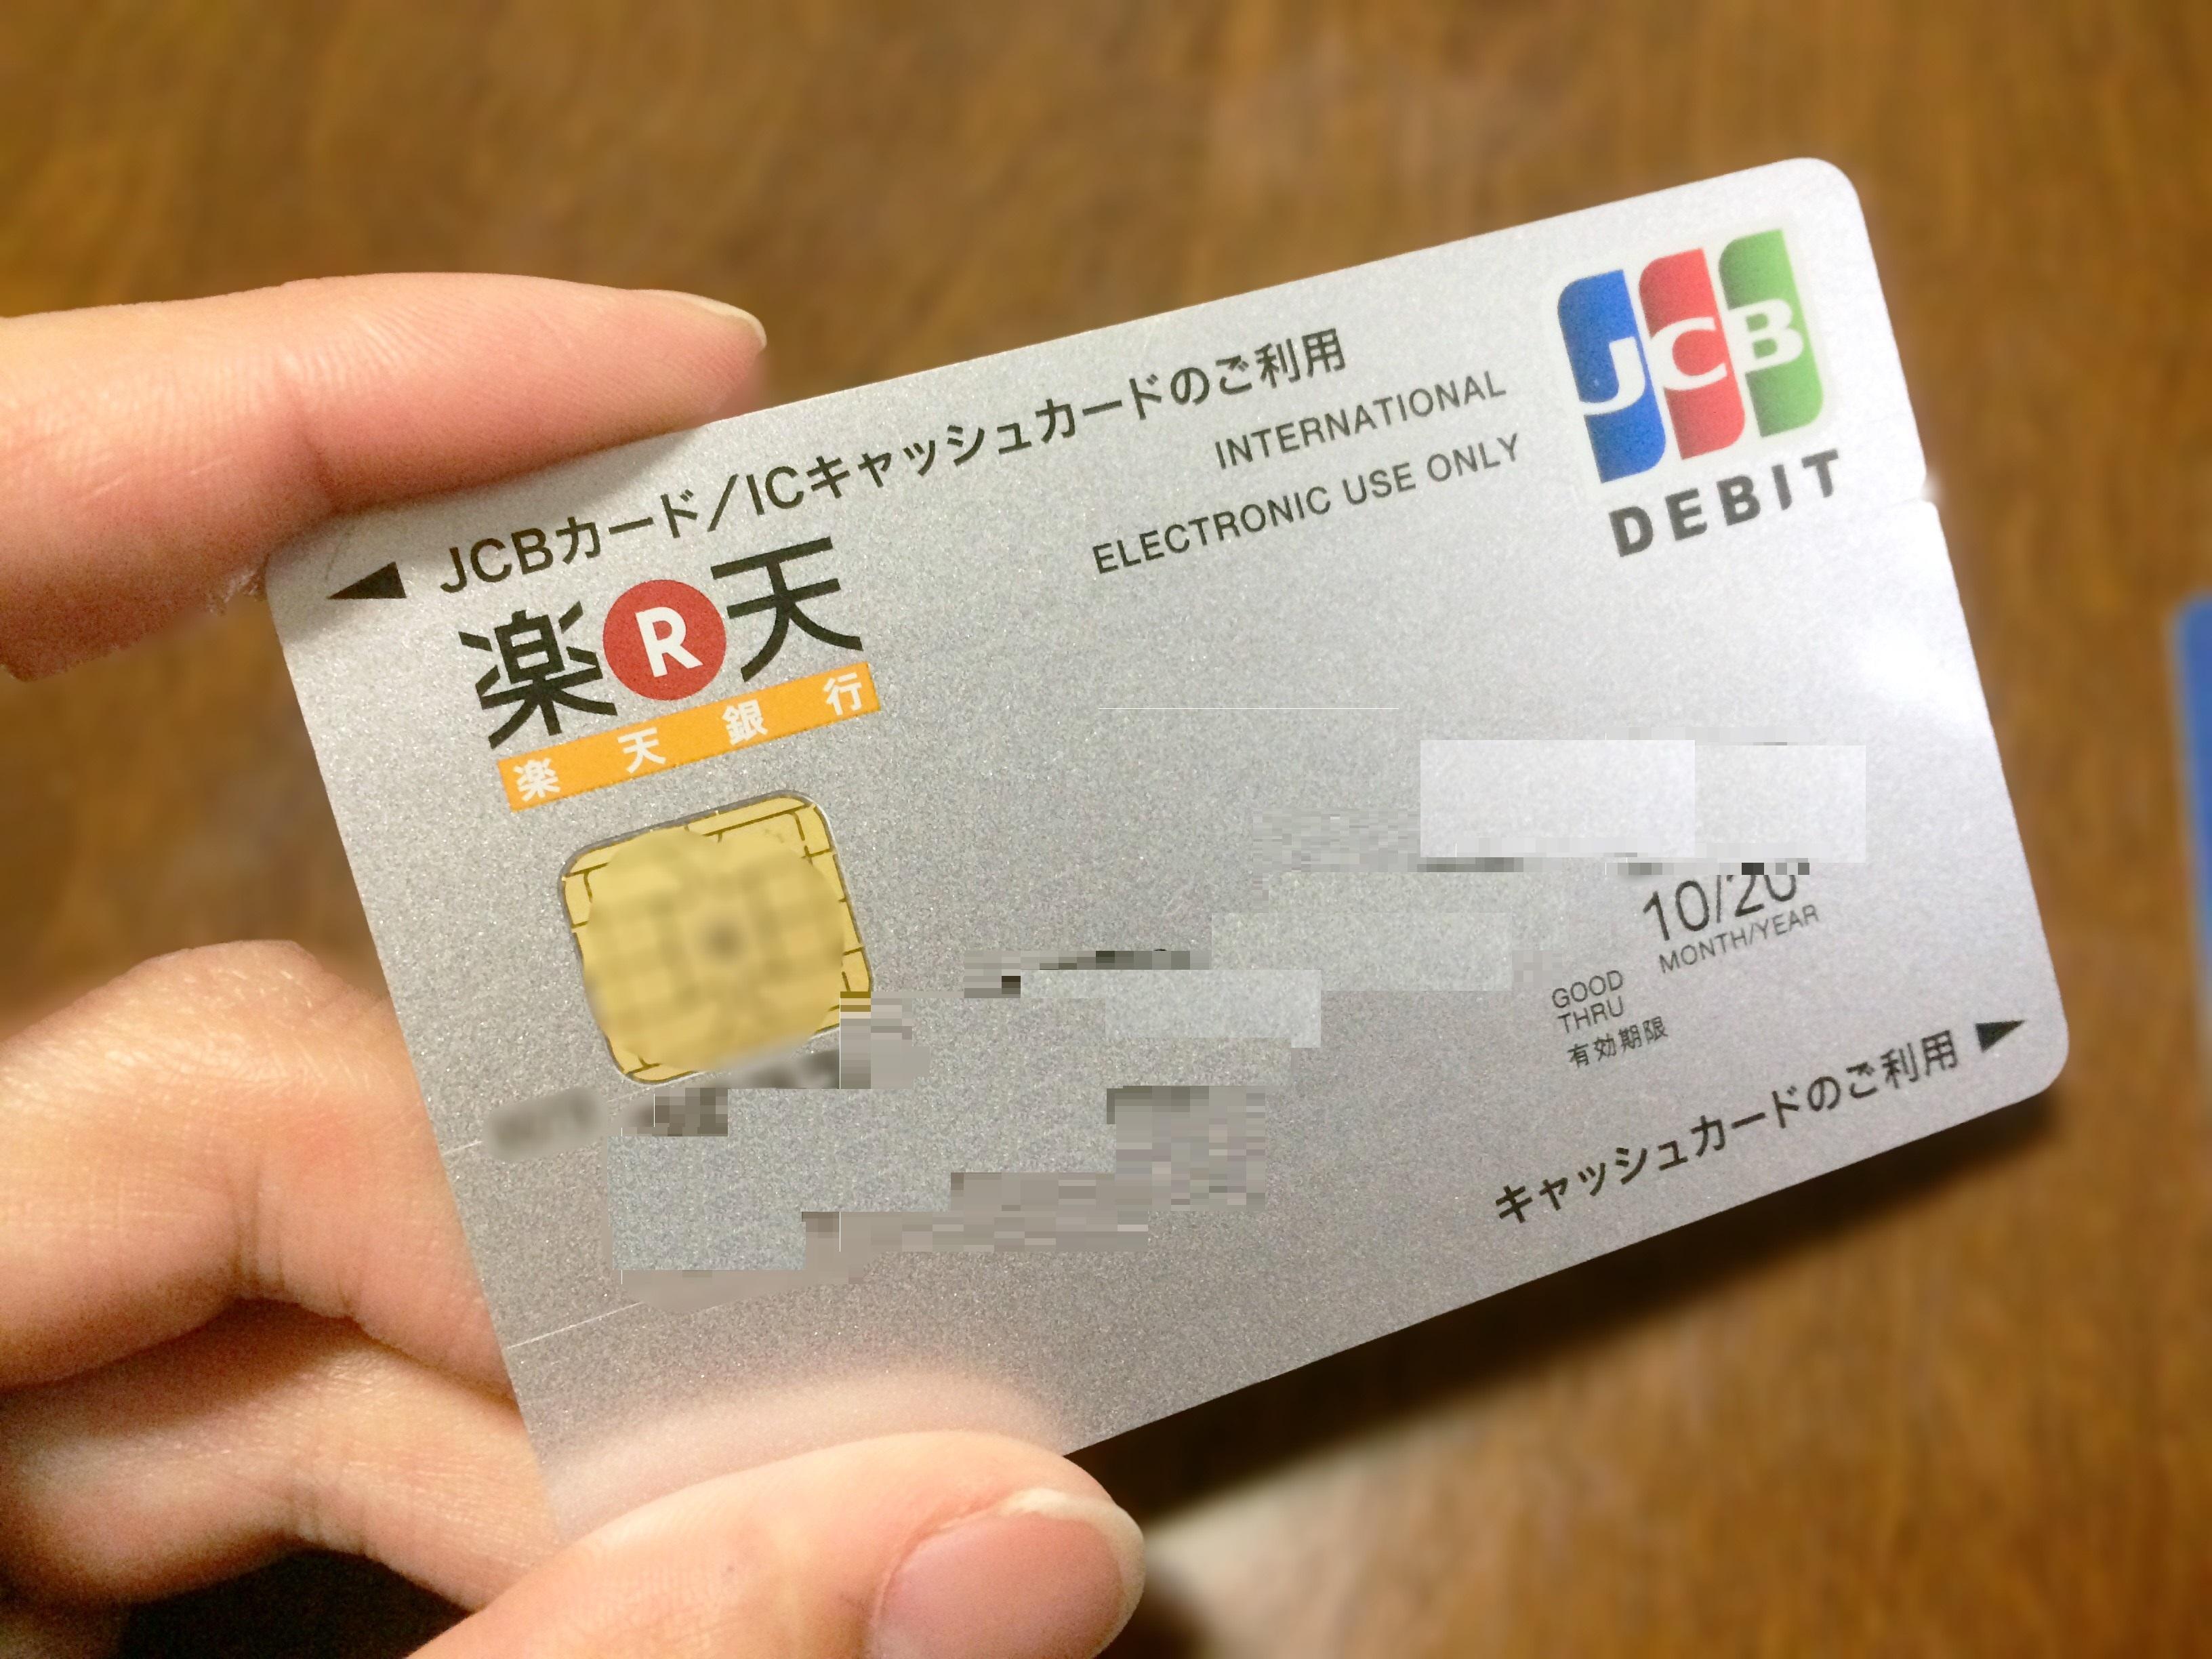 楽天銀行のデビットカード、実物。見た目